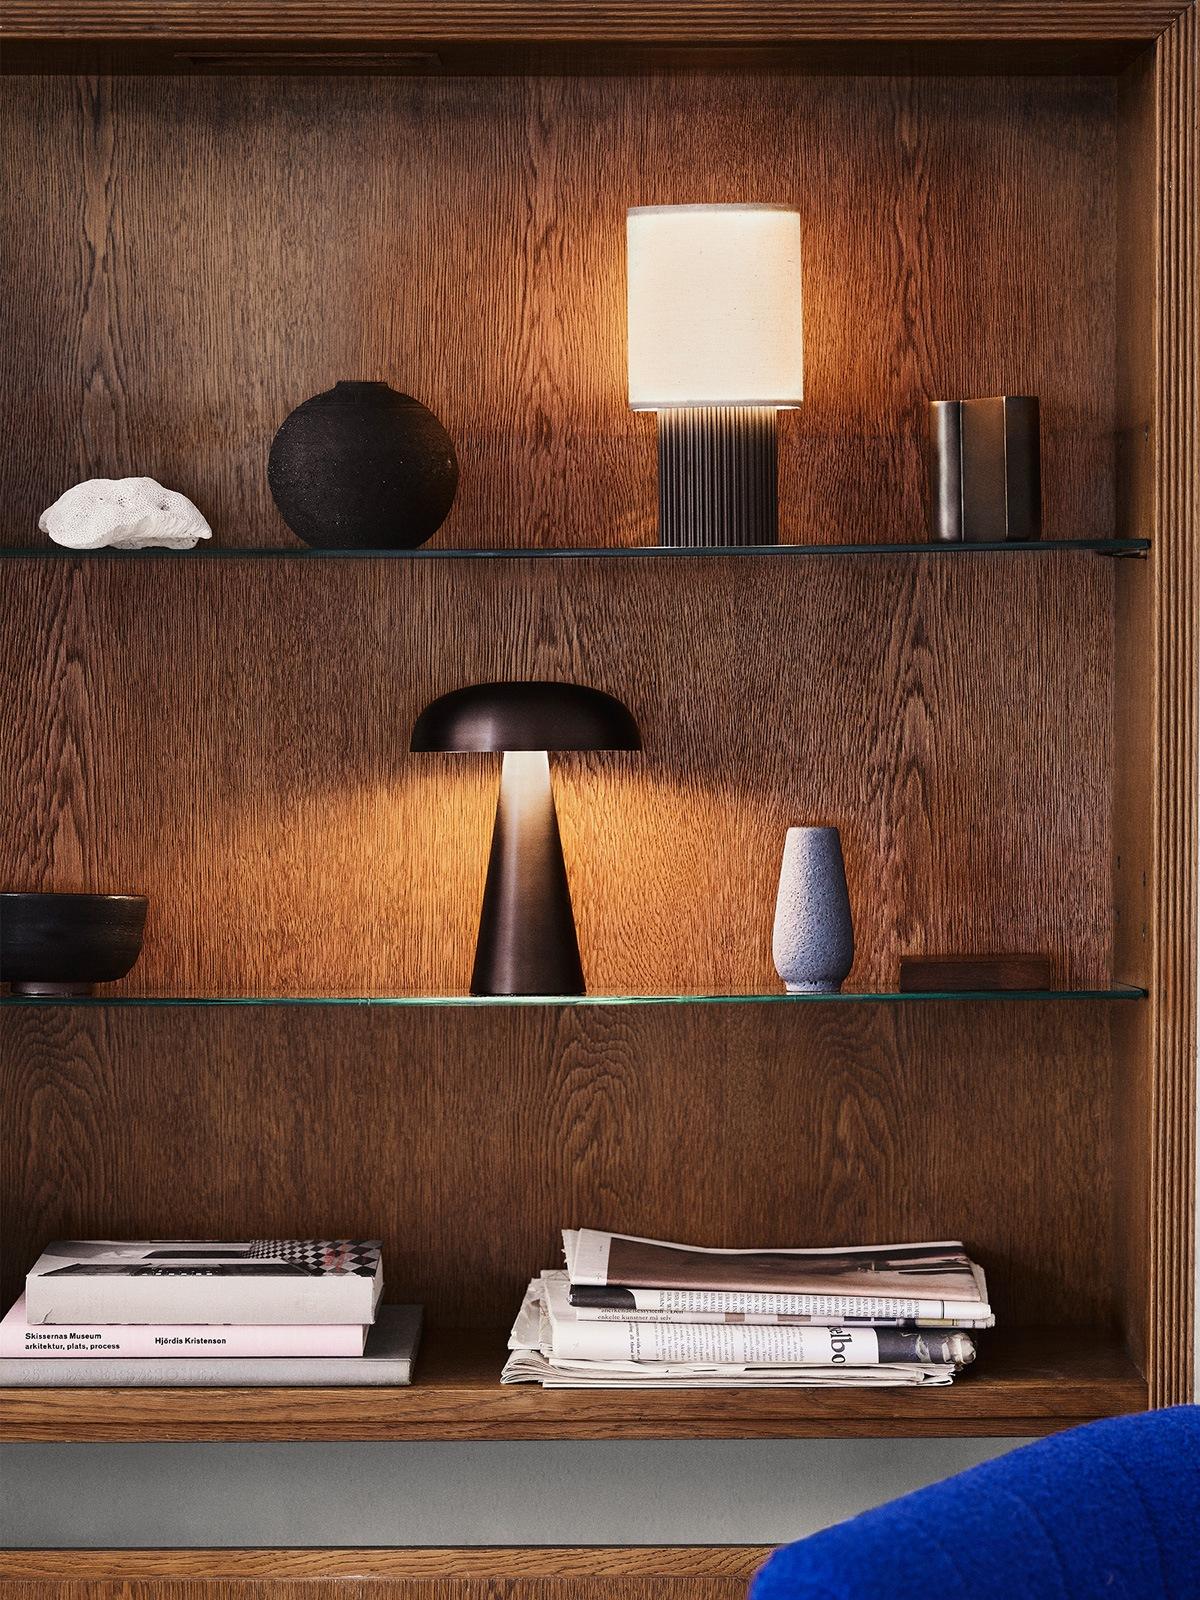 &tradition Como SC53 tragbare aufladbare Leuchte DesignOrt Berlin Designerleuchten Lampenladen Onlineshop Berlin